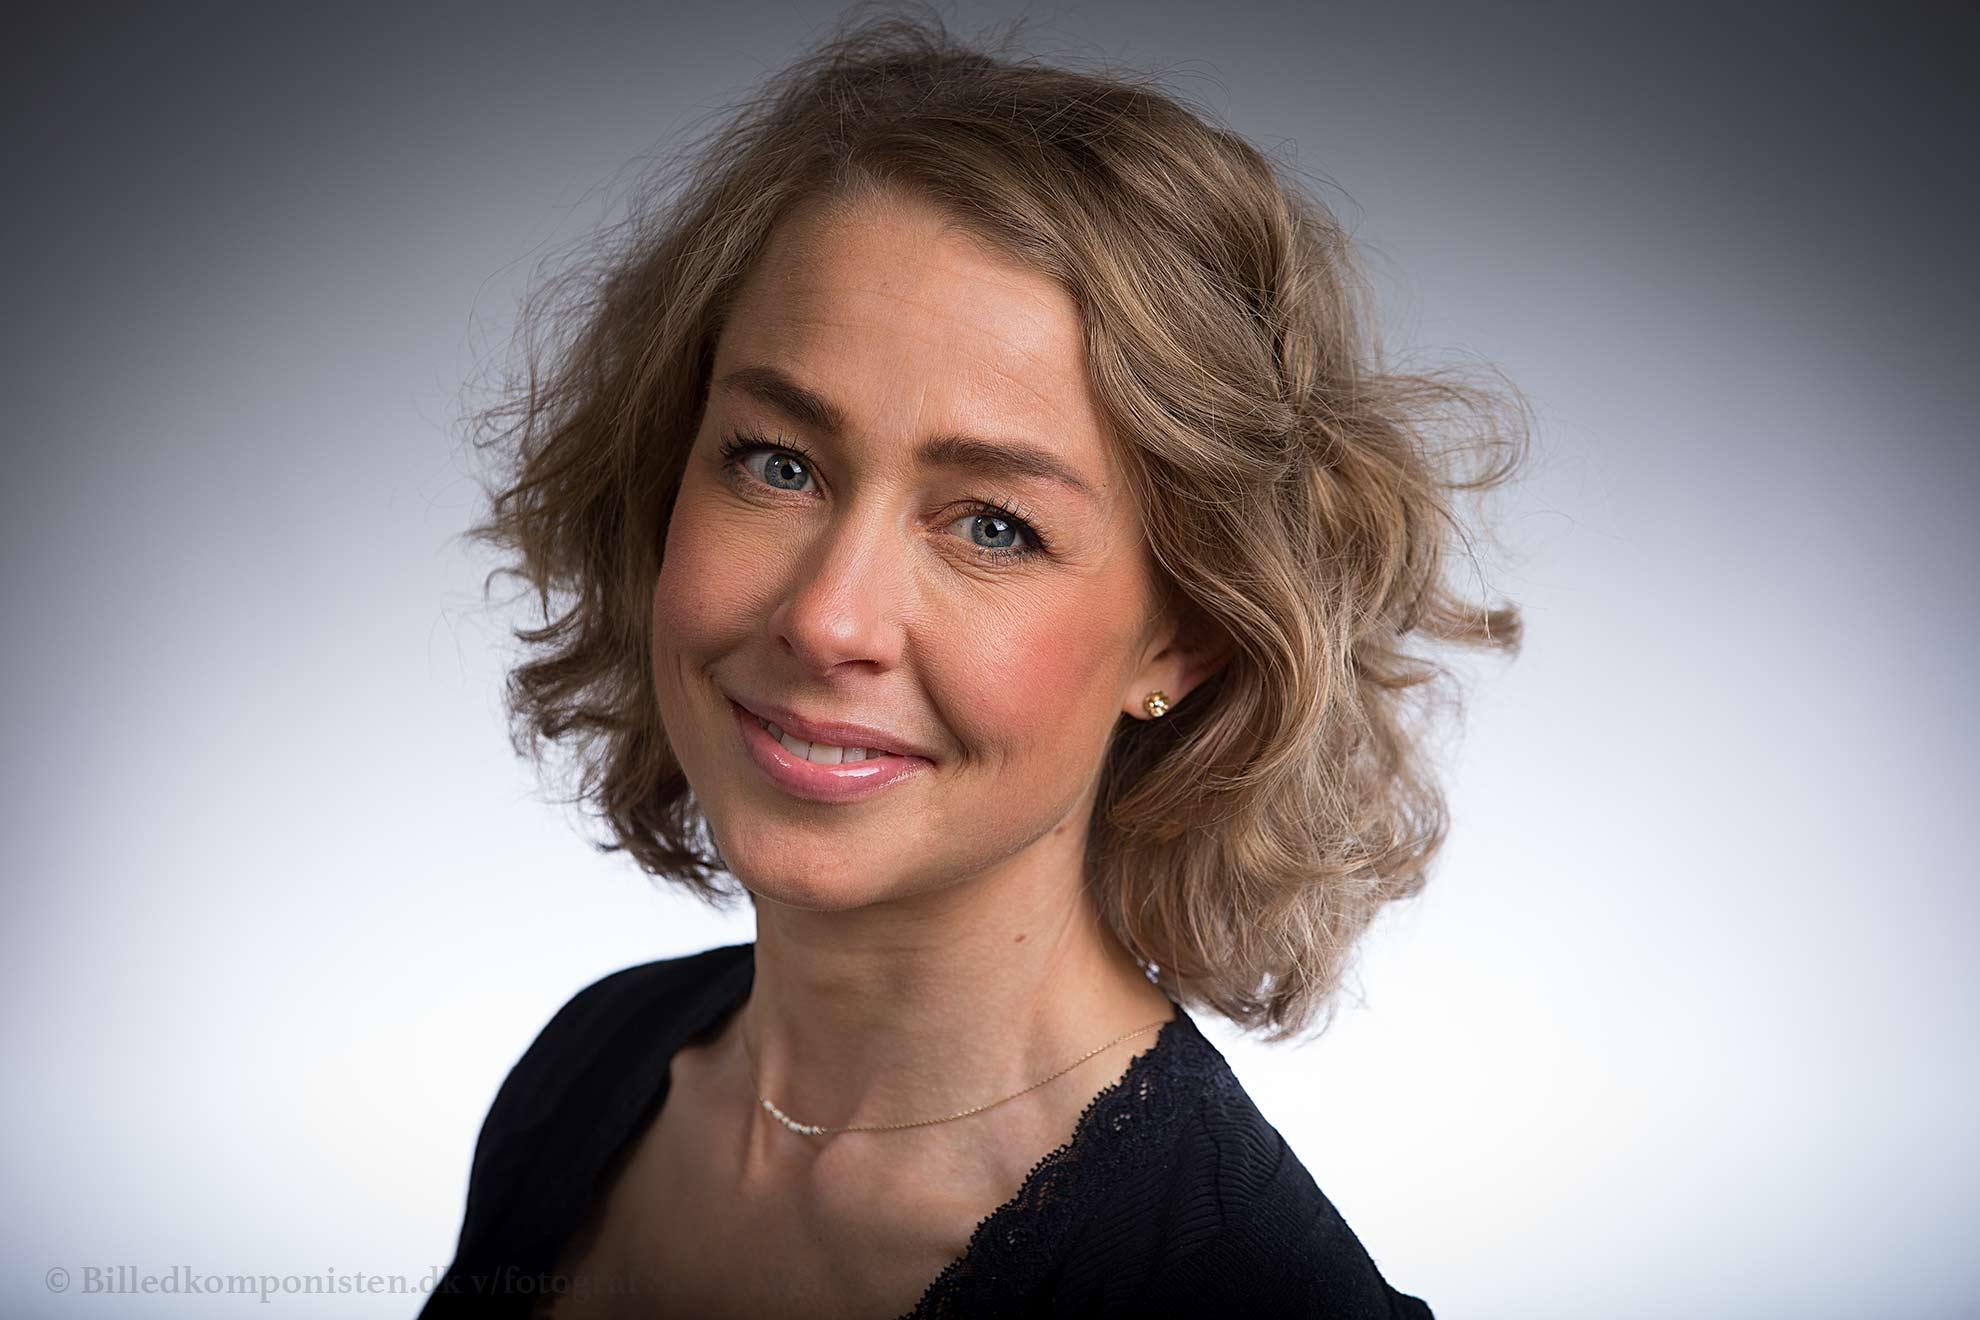 Portrætfoto af Kathrine Kiilsholm Ottesen af fotograf Søren Weile fra København. Portrætfoto til Linkedin, Erhvervsportræt og Cv portrætfoto